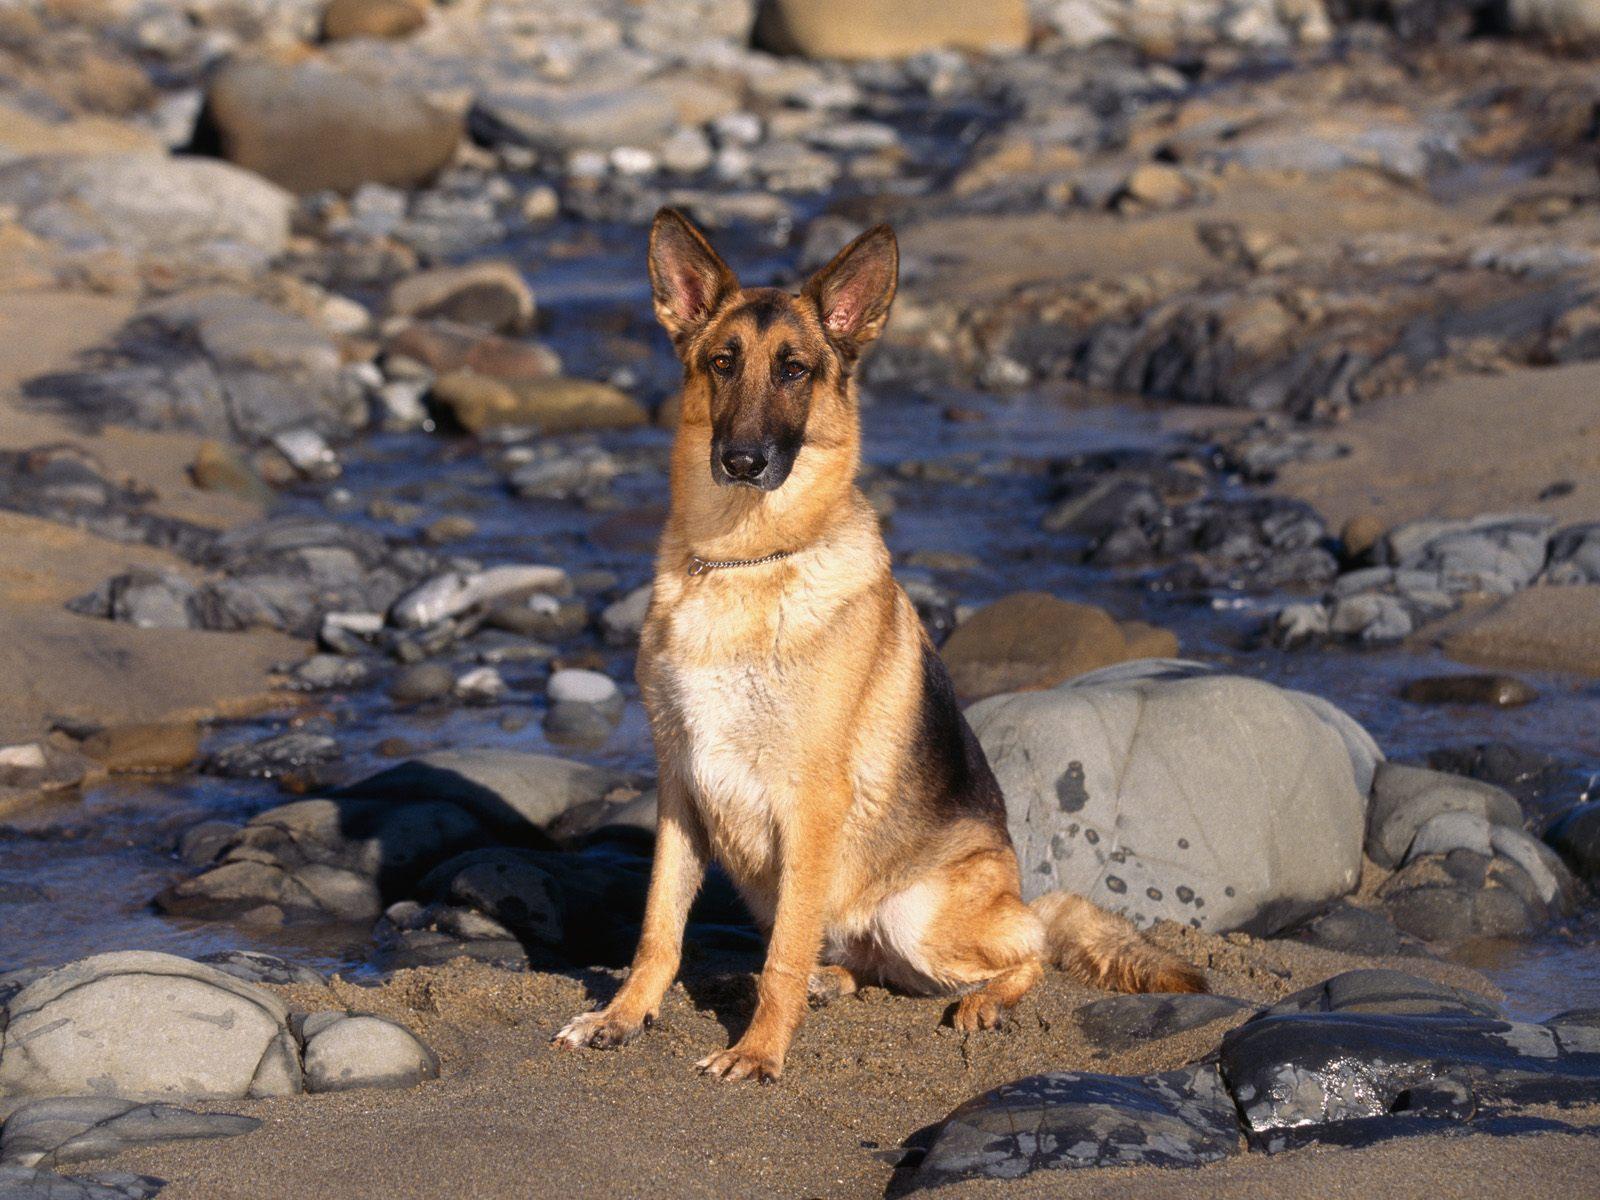 honden achtergronden hd wallpapers - photo #22